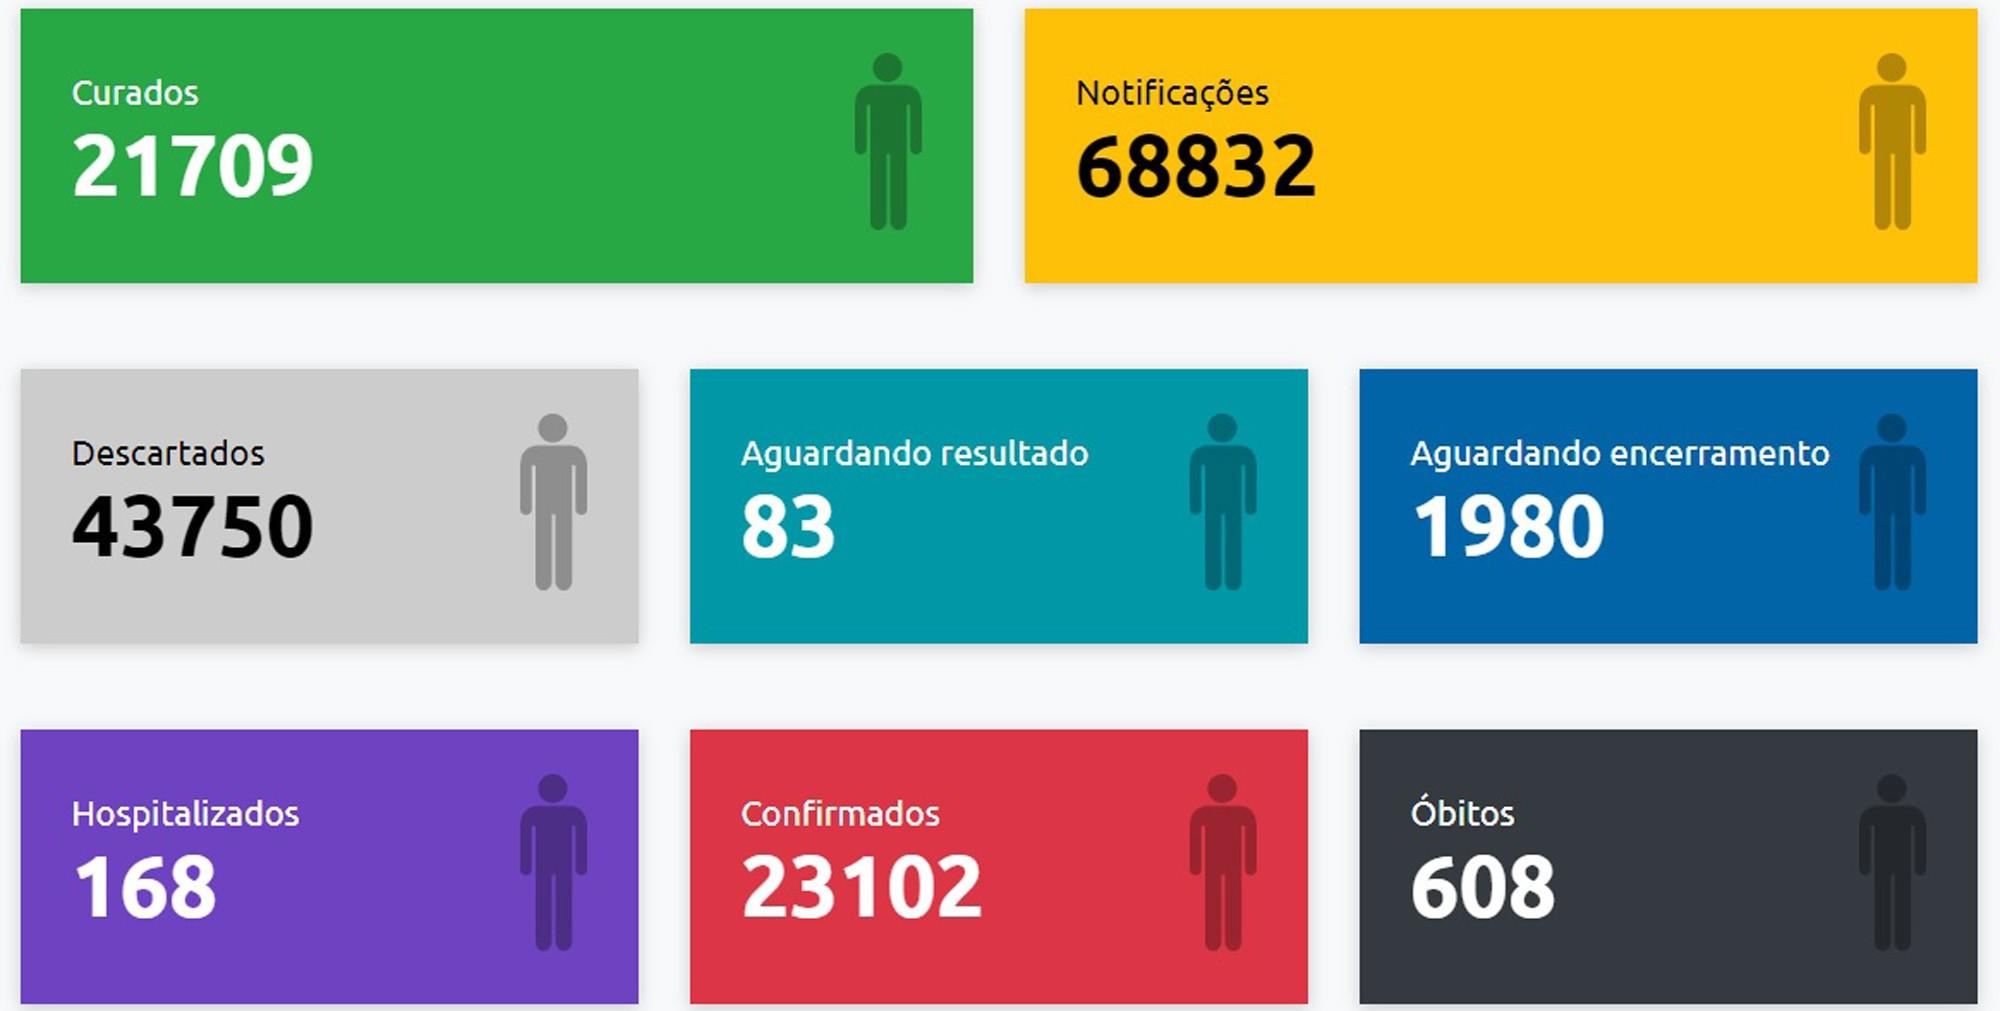 Covid-19 mata mais duas pessoas em Presidente Prudente e número de óbitos sobe para 608